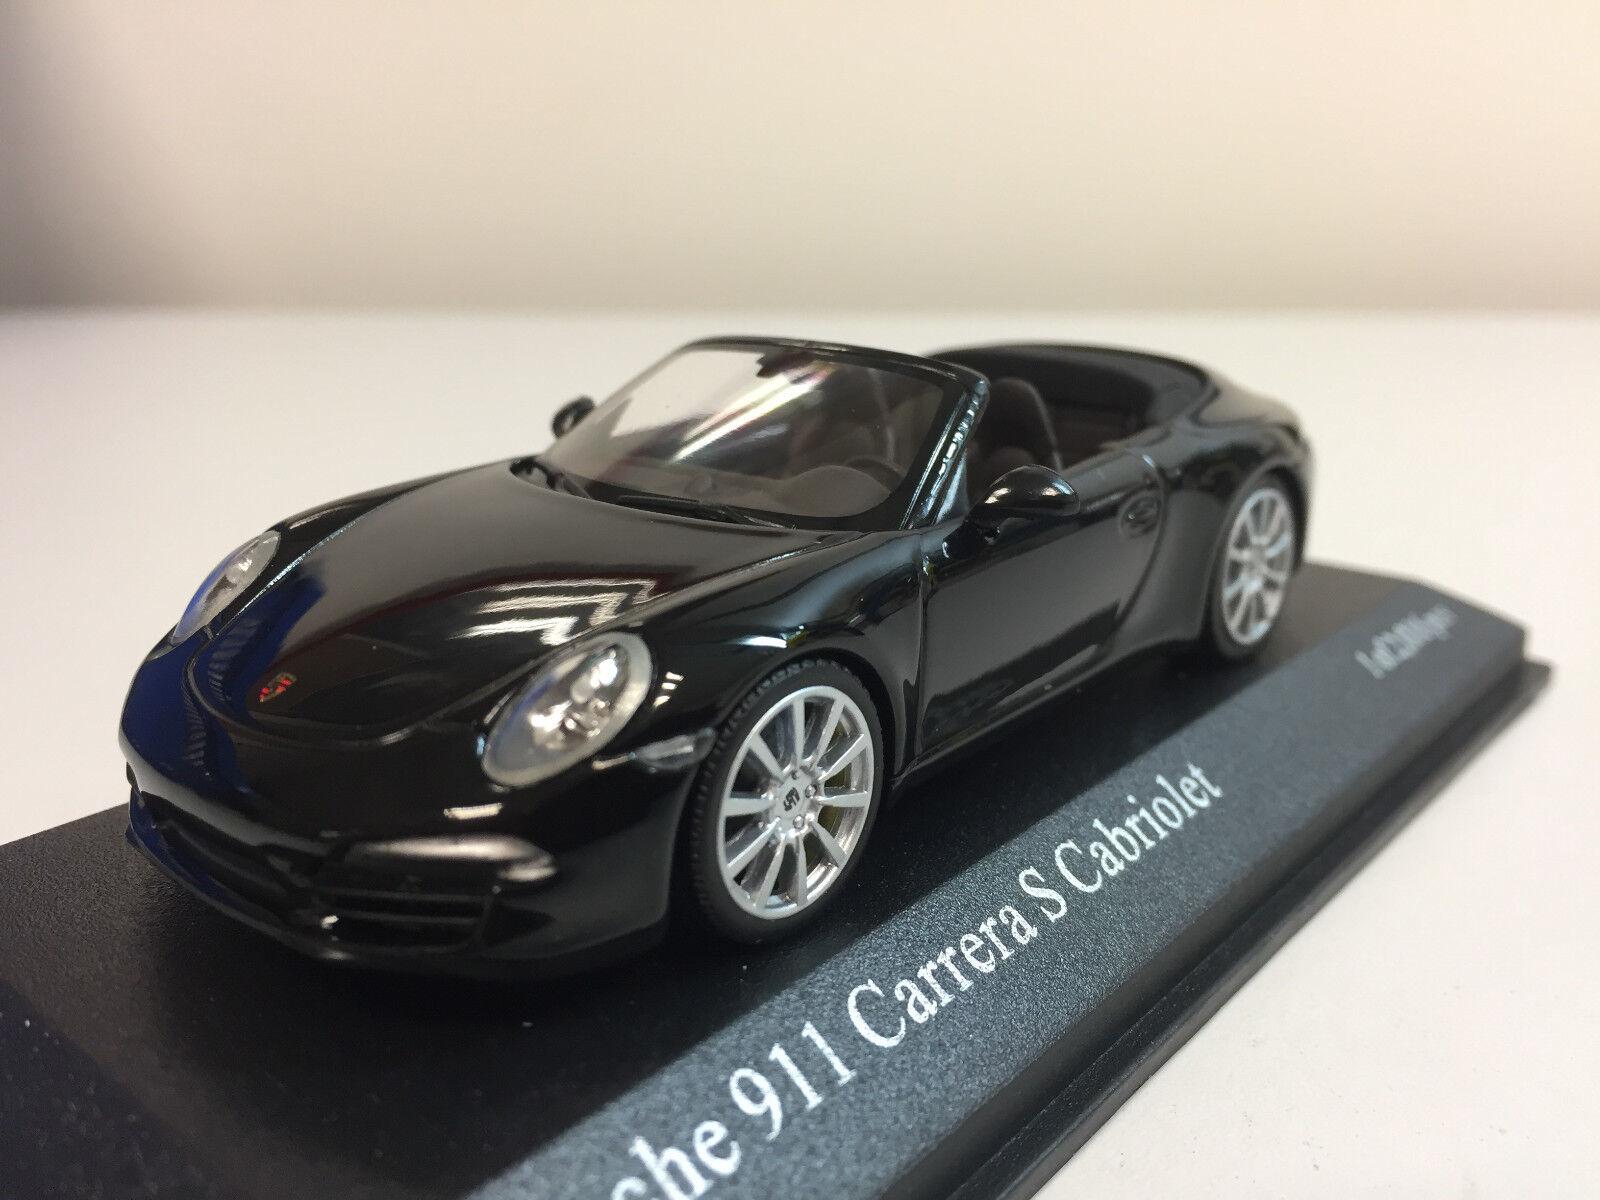 Minichamps Porsche 911 Carrera S Cabriolet 2012 nero 1 43 410060230